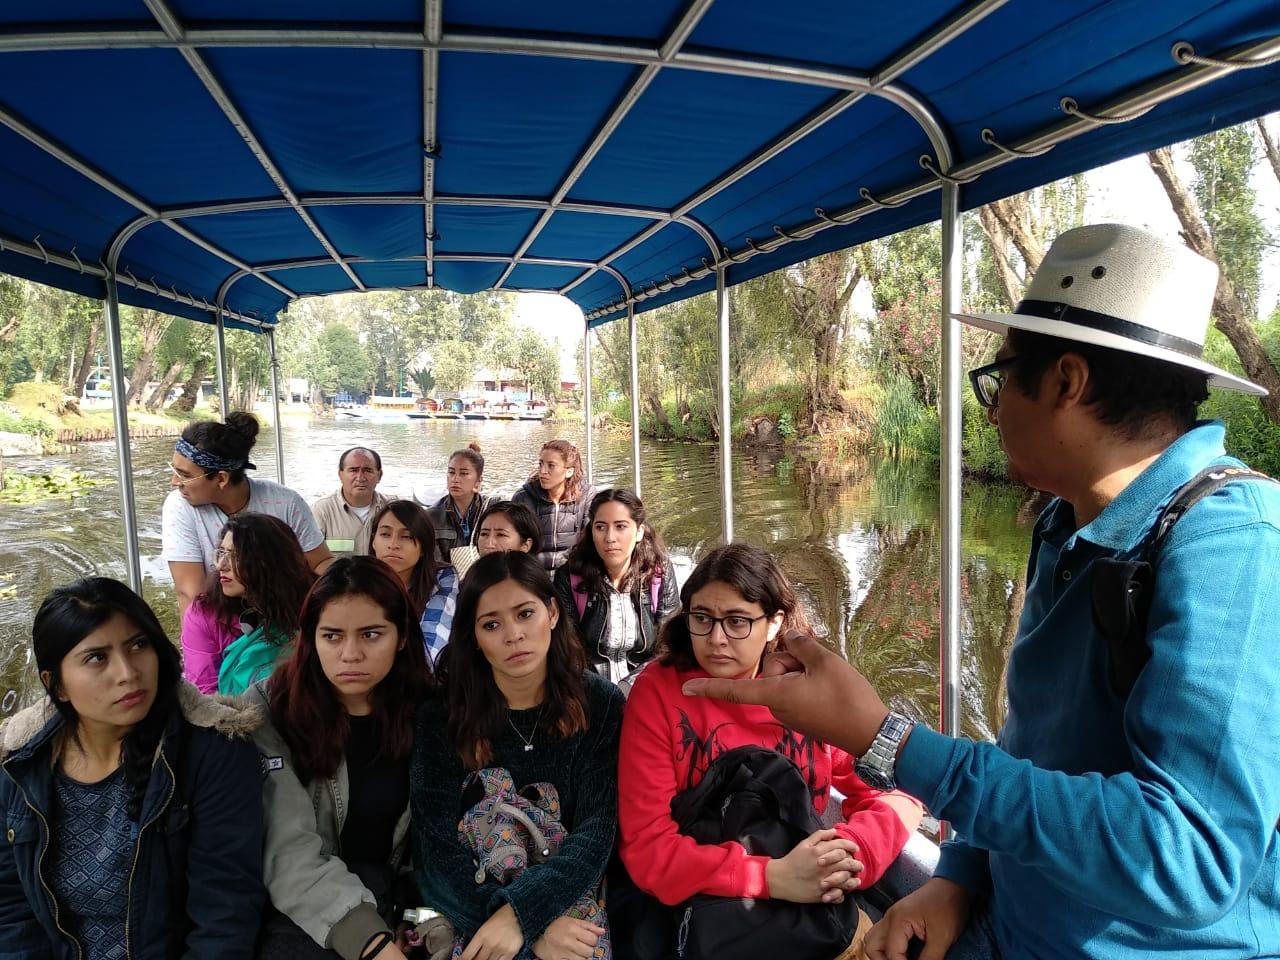 Ofrece Xochimilco recorridos a Universitarios